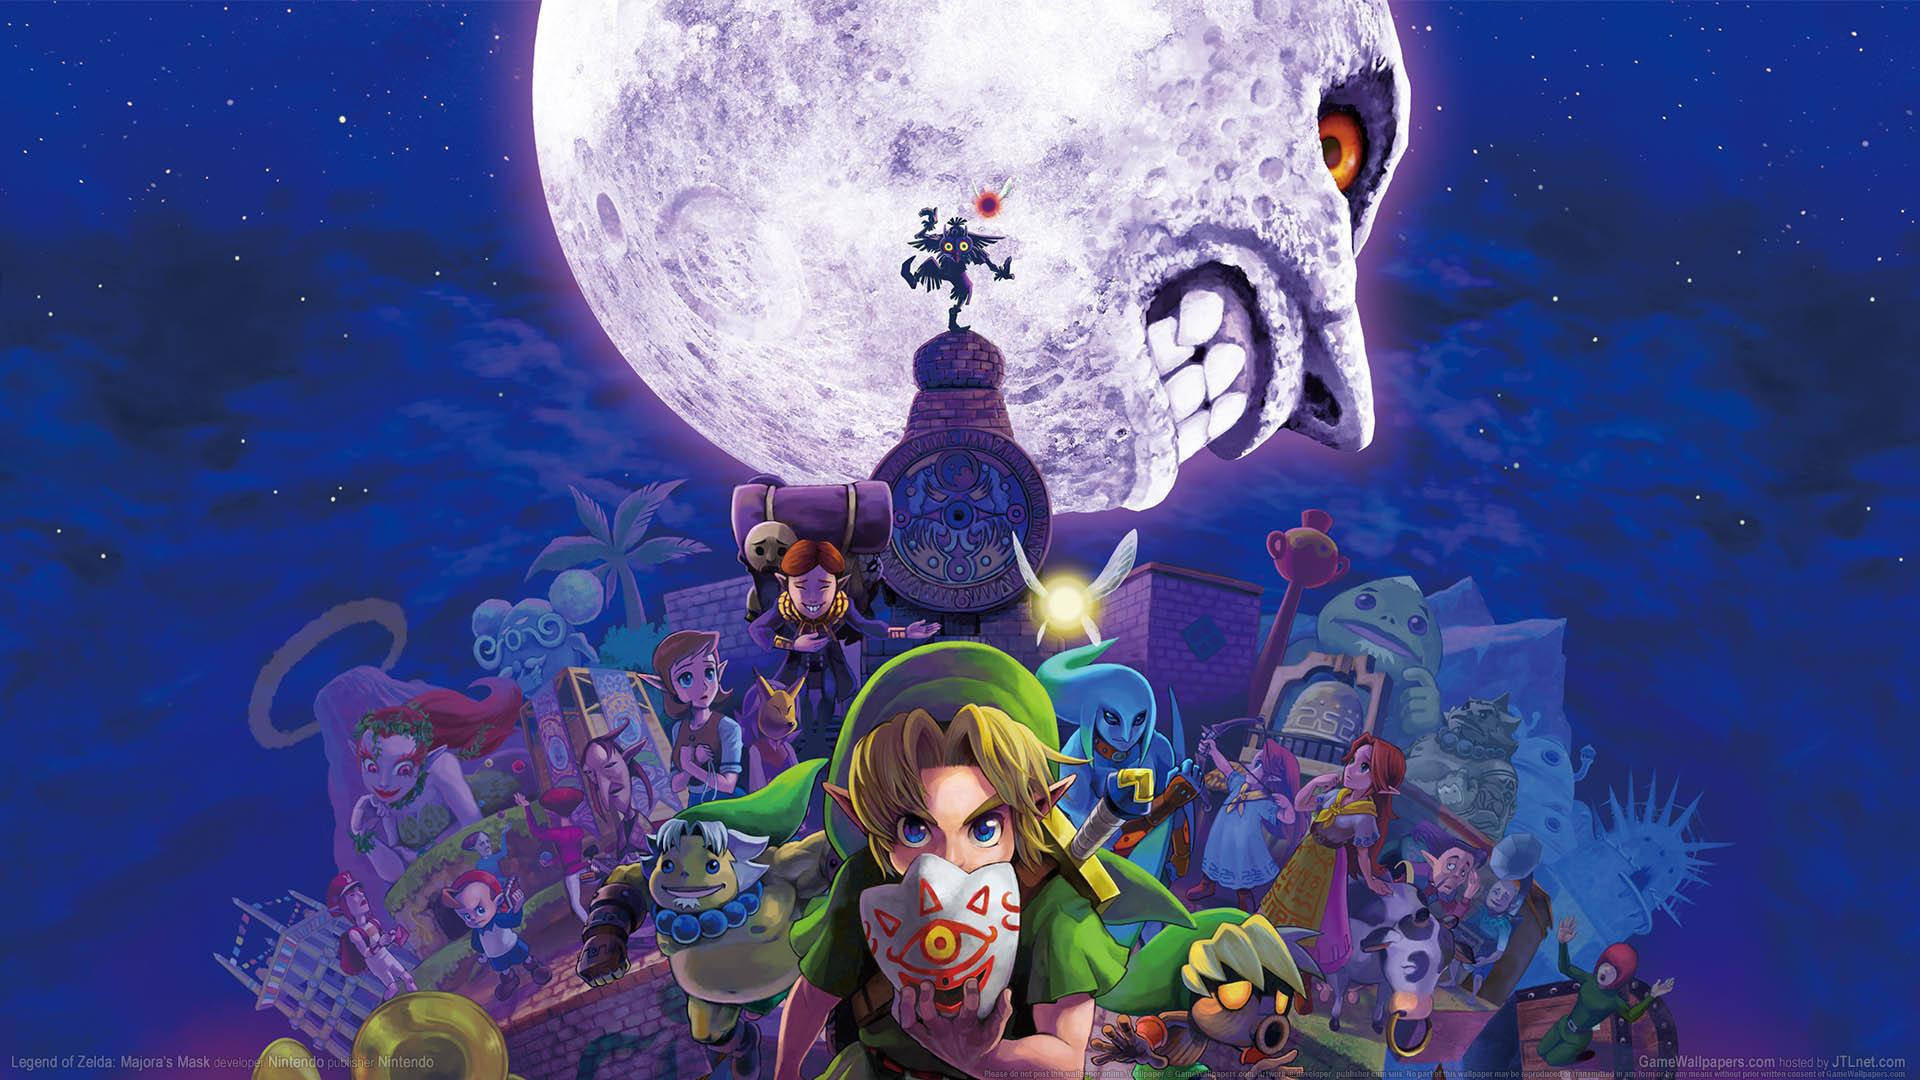 … Legend of Zelda: Majora's Mask wallpaper or background 01